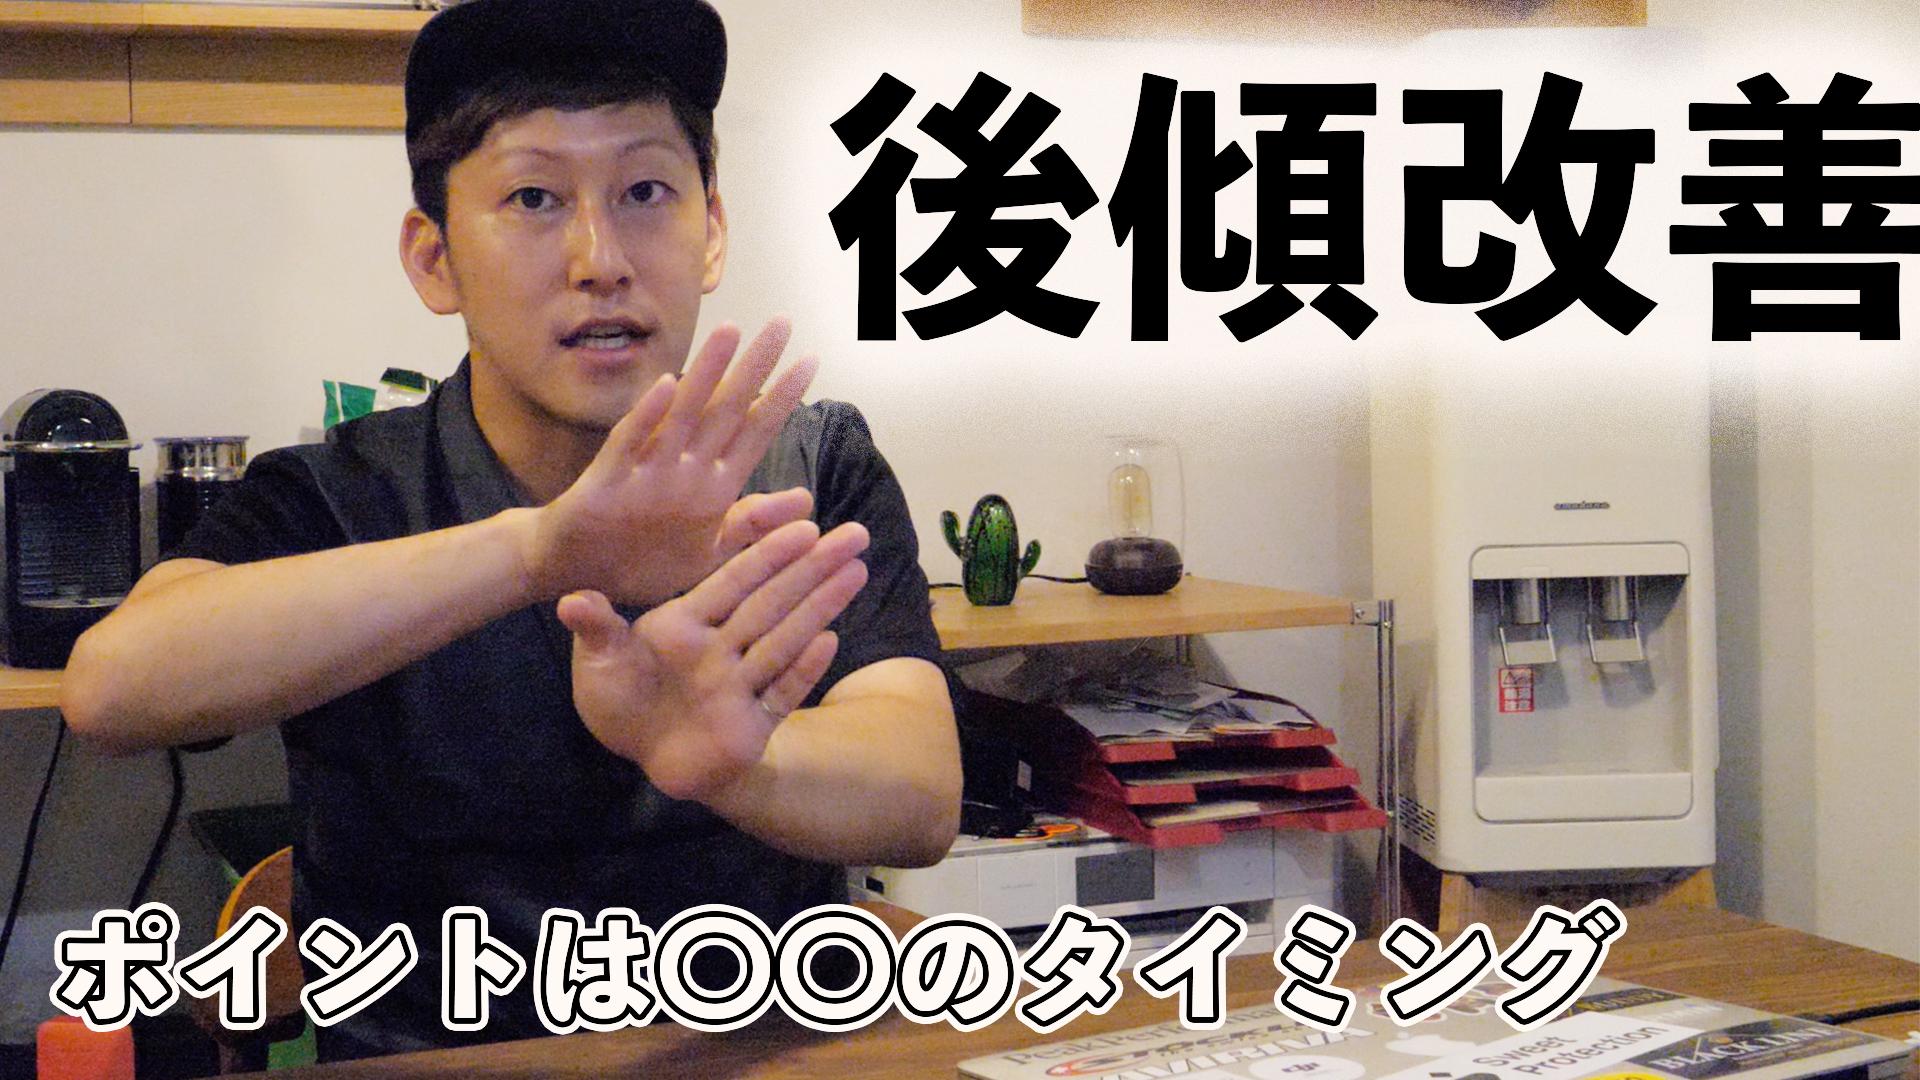 【スキー】Q&A どんなにどんなに頑張っても後傾が直りません! Takehiro Saito